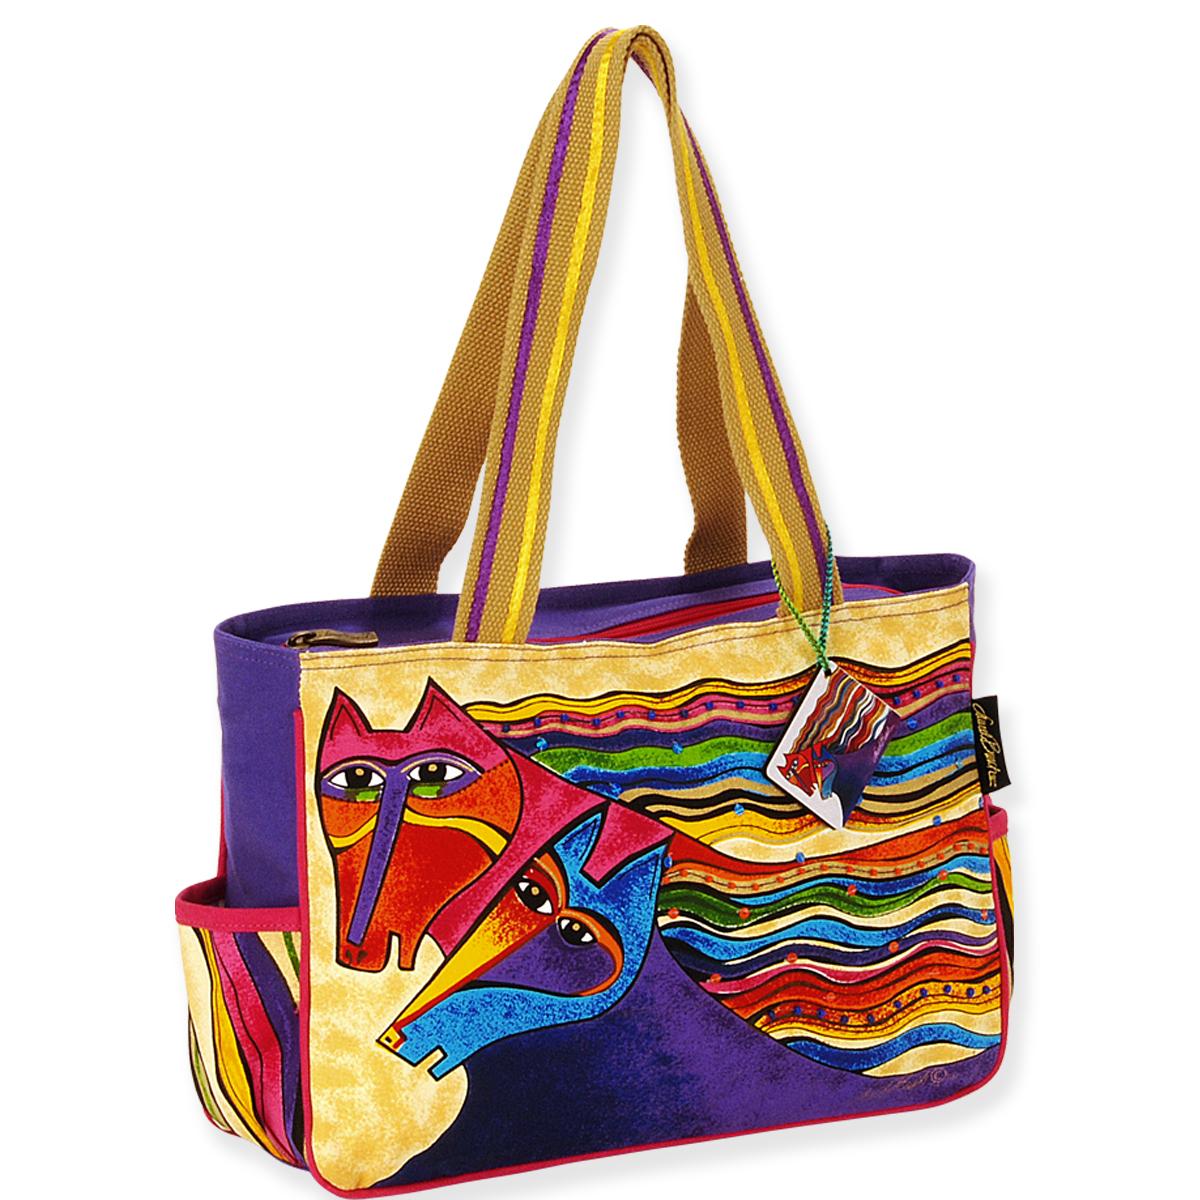 Сбор заказов. Летние итальянские сумки из хлопка с оригинальными принтами. Будьте яркими. Выкуп 6